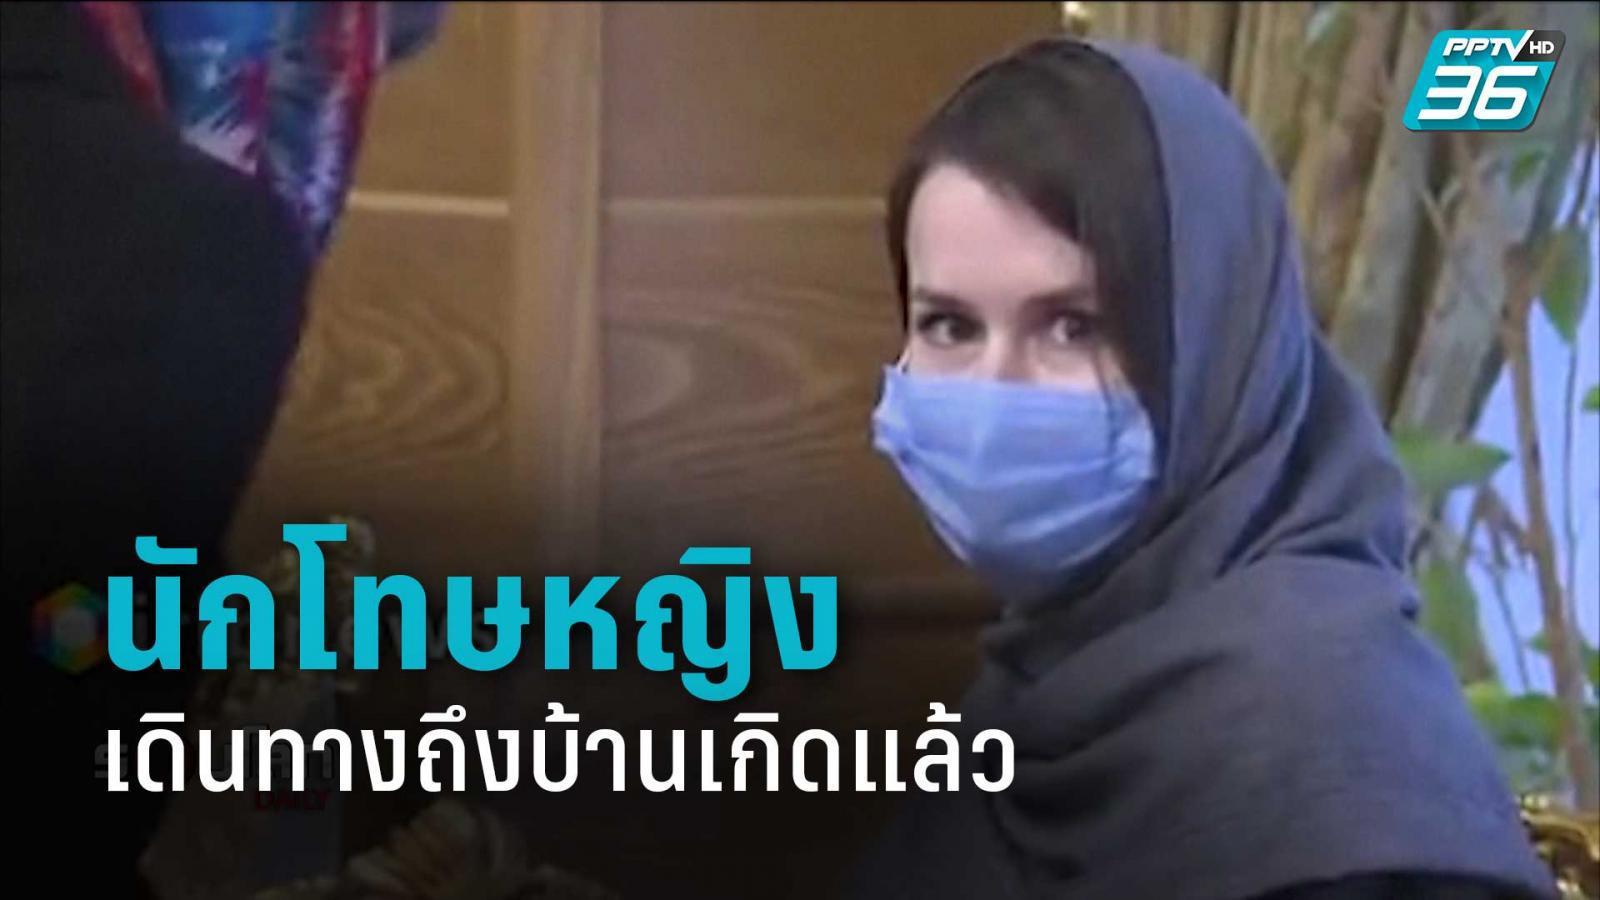 นักโทษหญิงจากอิหร่าน เดินทางถึงบ้านเกิดในออสเตรเลียแล้ว